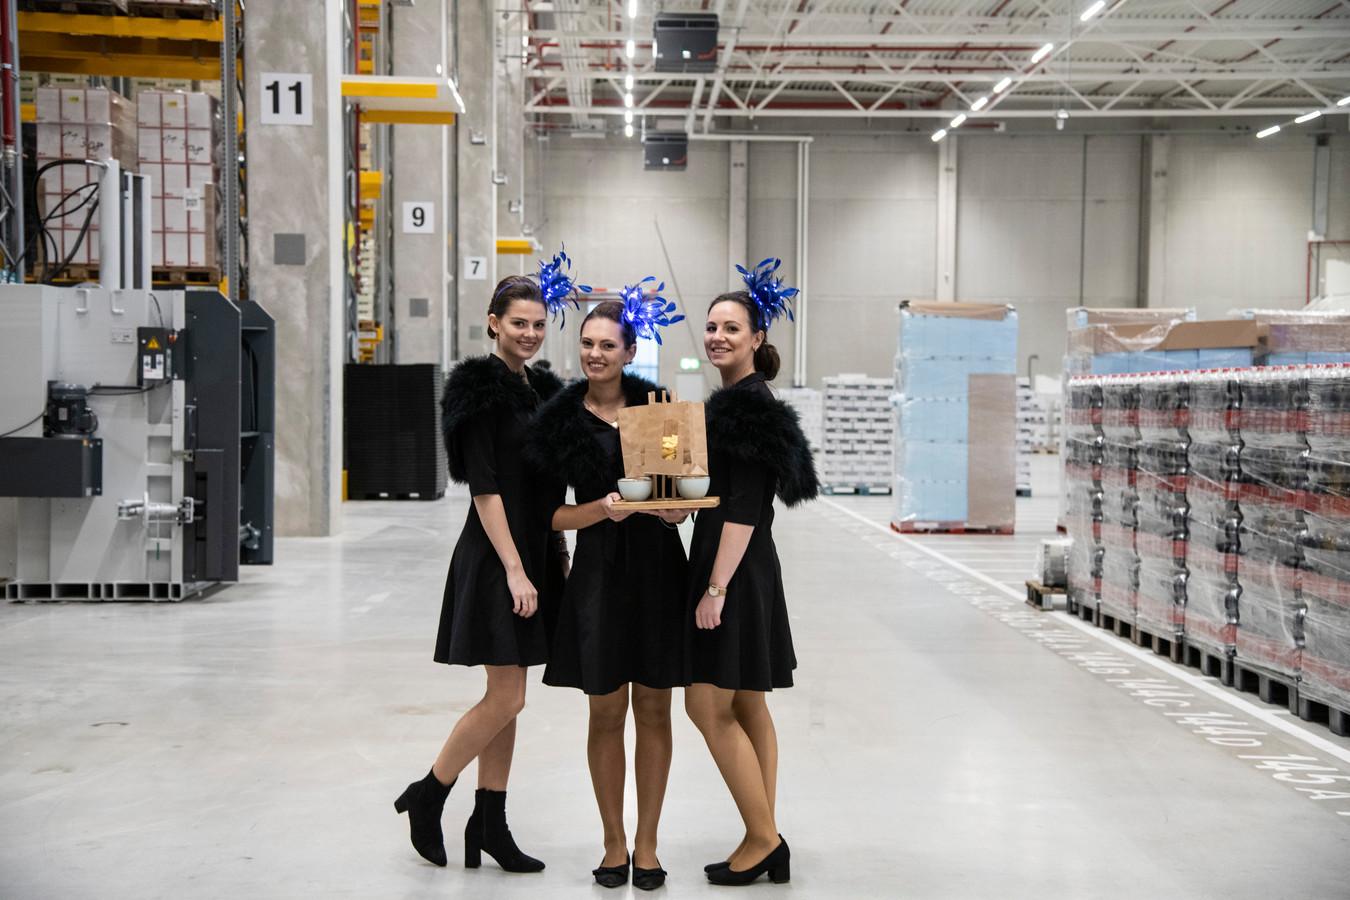 Aan luxe catering geen gebrek tijdens de opening van het nieuwe distributiecentrum van Lidl langs de A15 in Oosterhout.